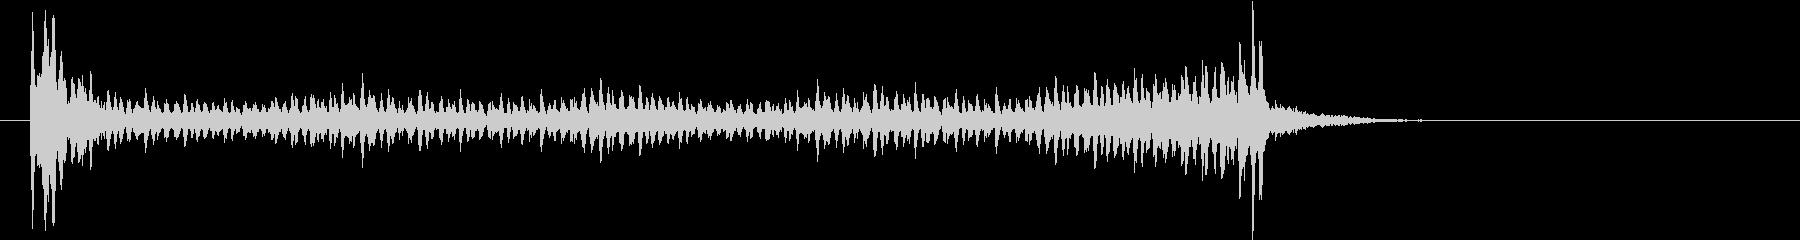 ドラムロール(スネア)長めの未再生の波形